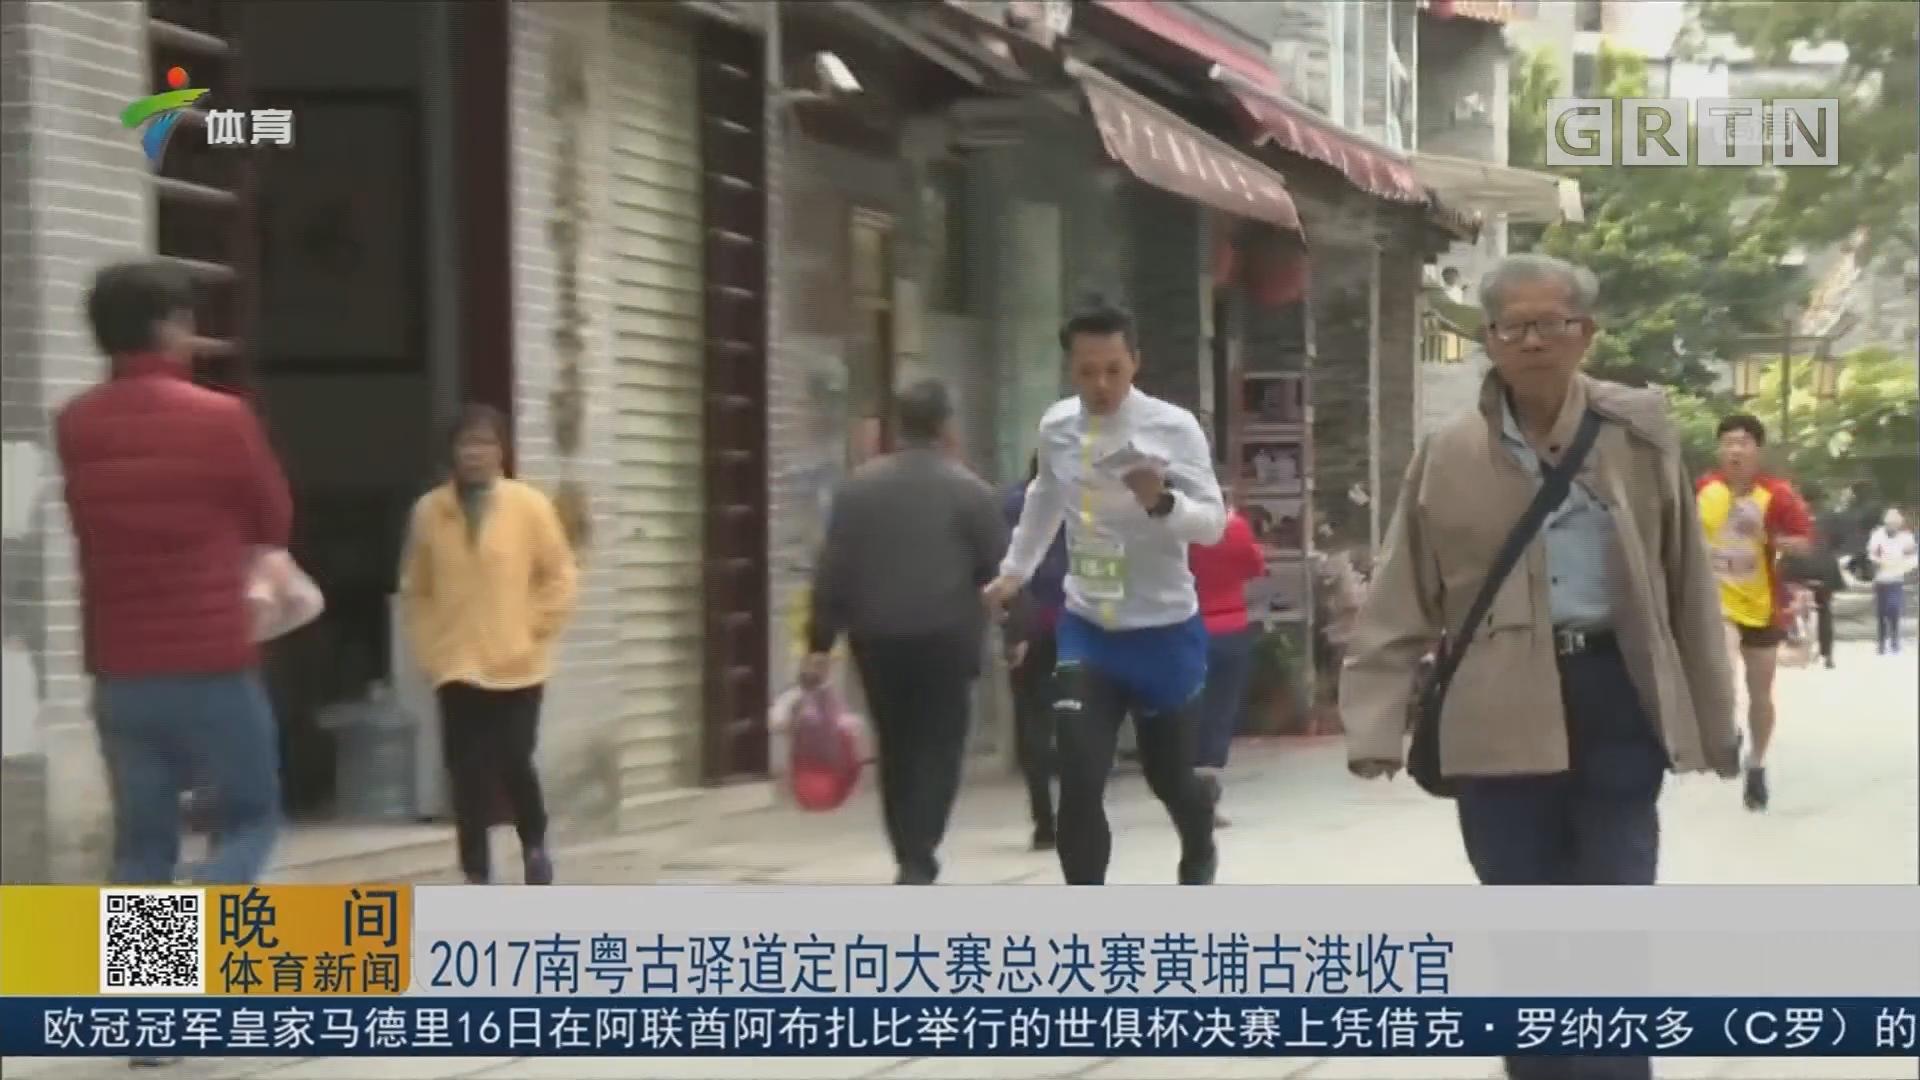 2017南粤古驿道定向大赛总决赛黄埔古港收官